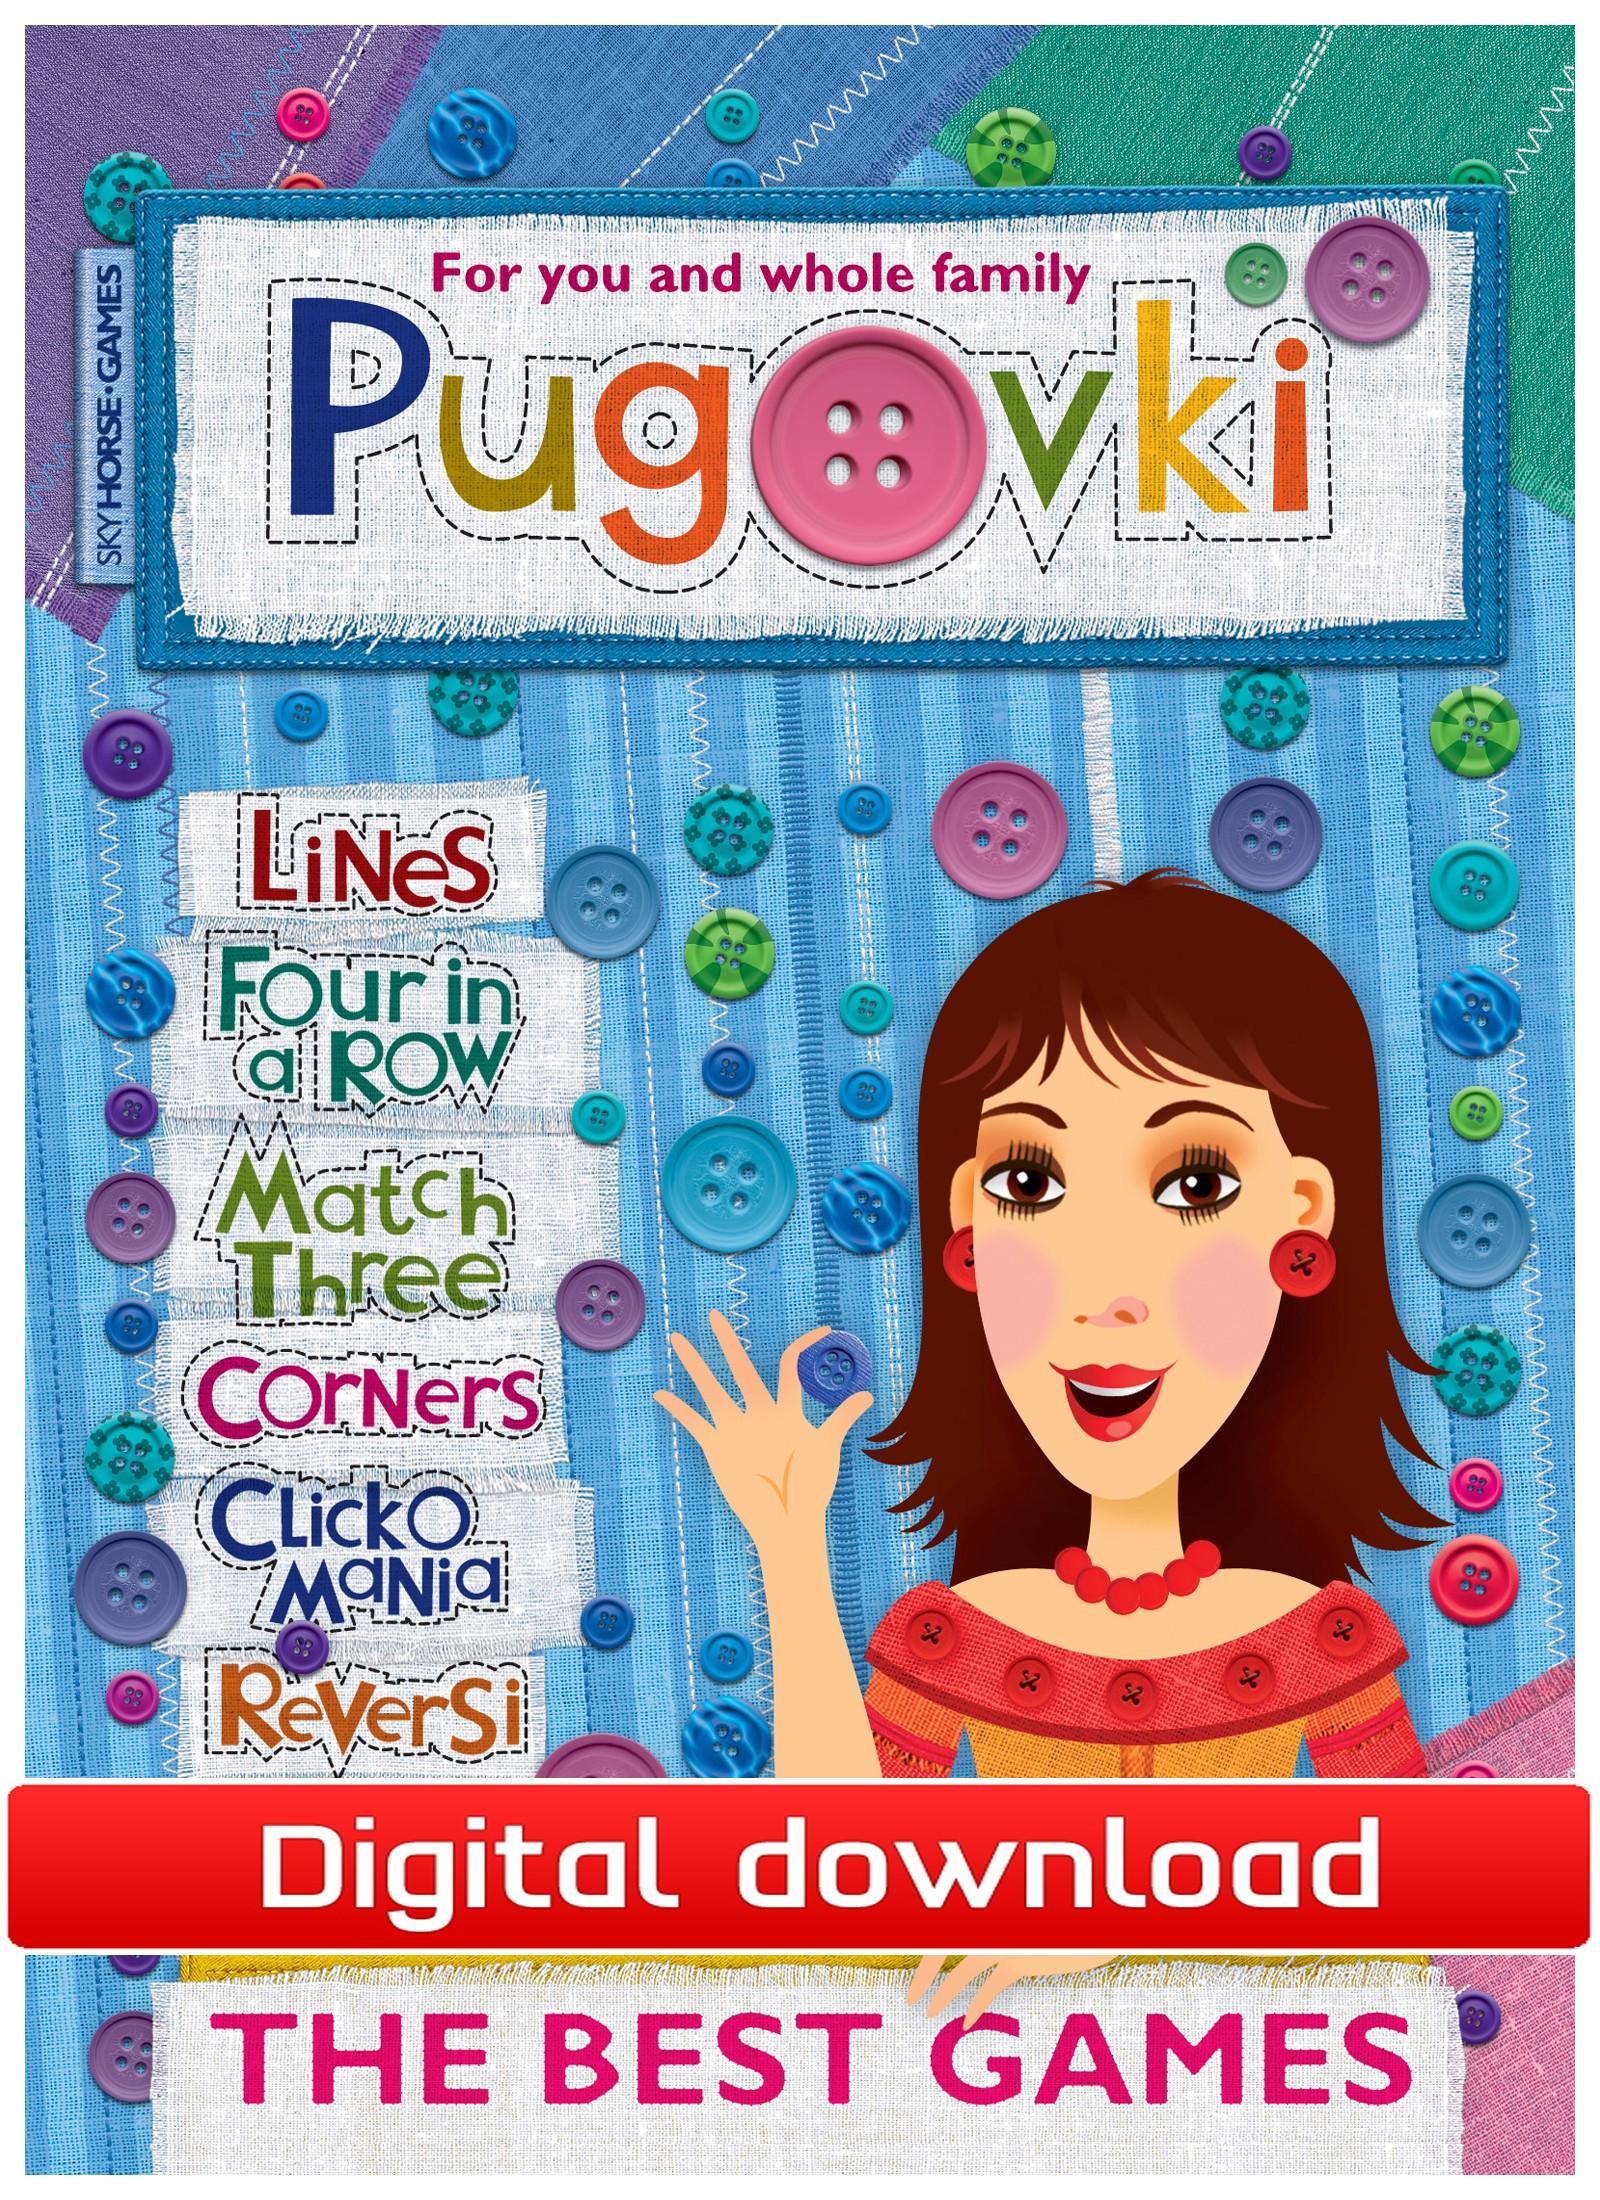 25371 : Pugovki, Buttons (PC nedlastning)